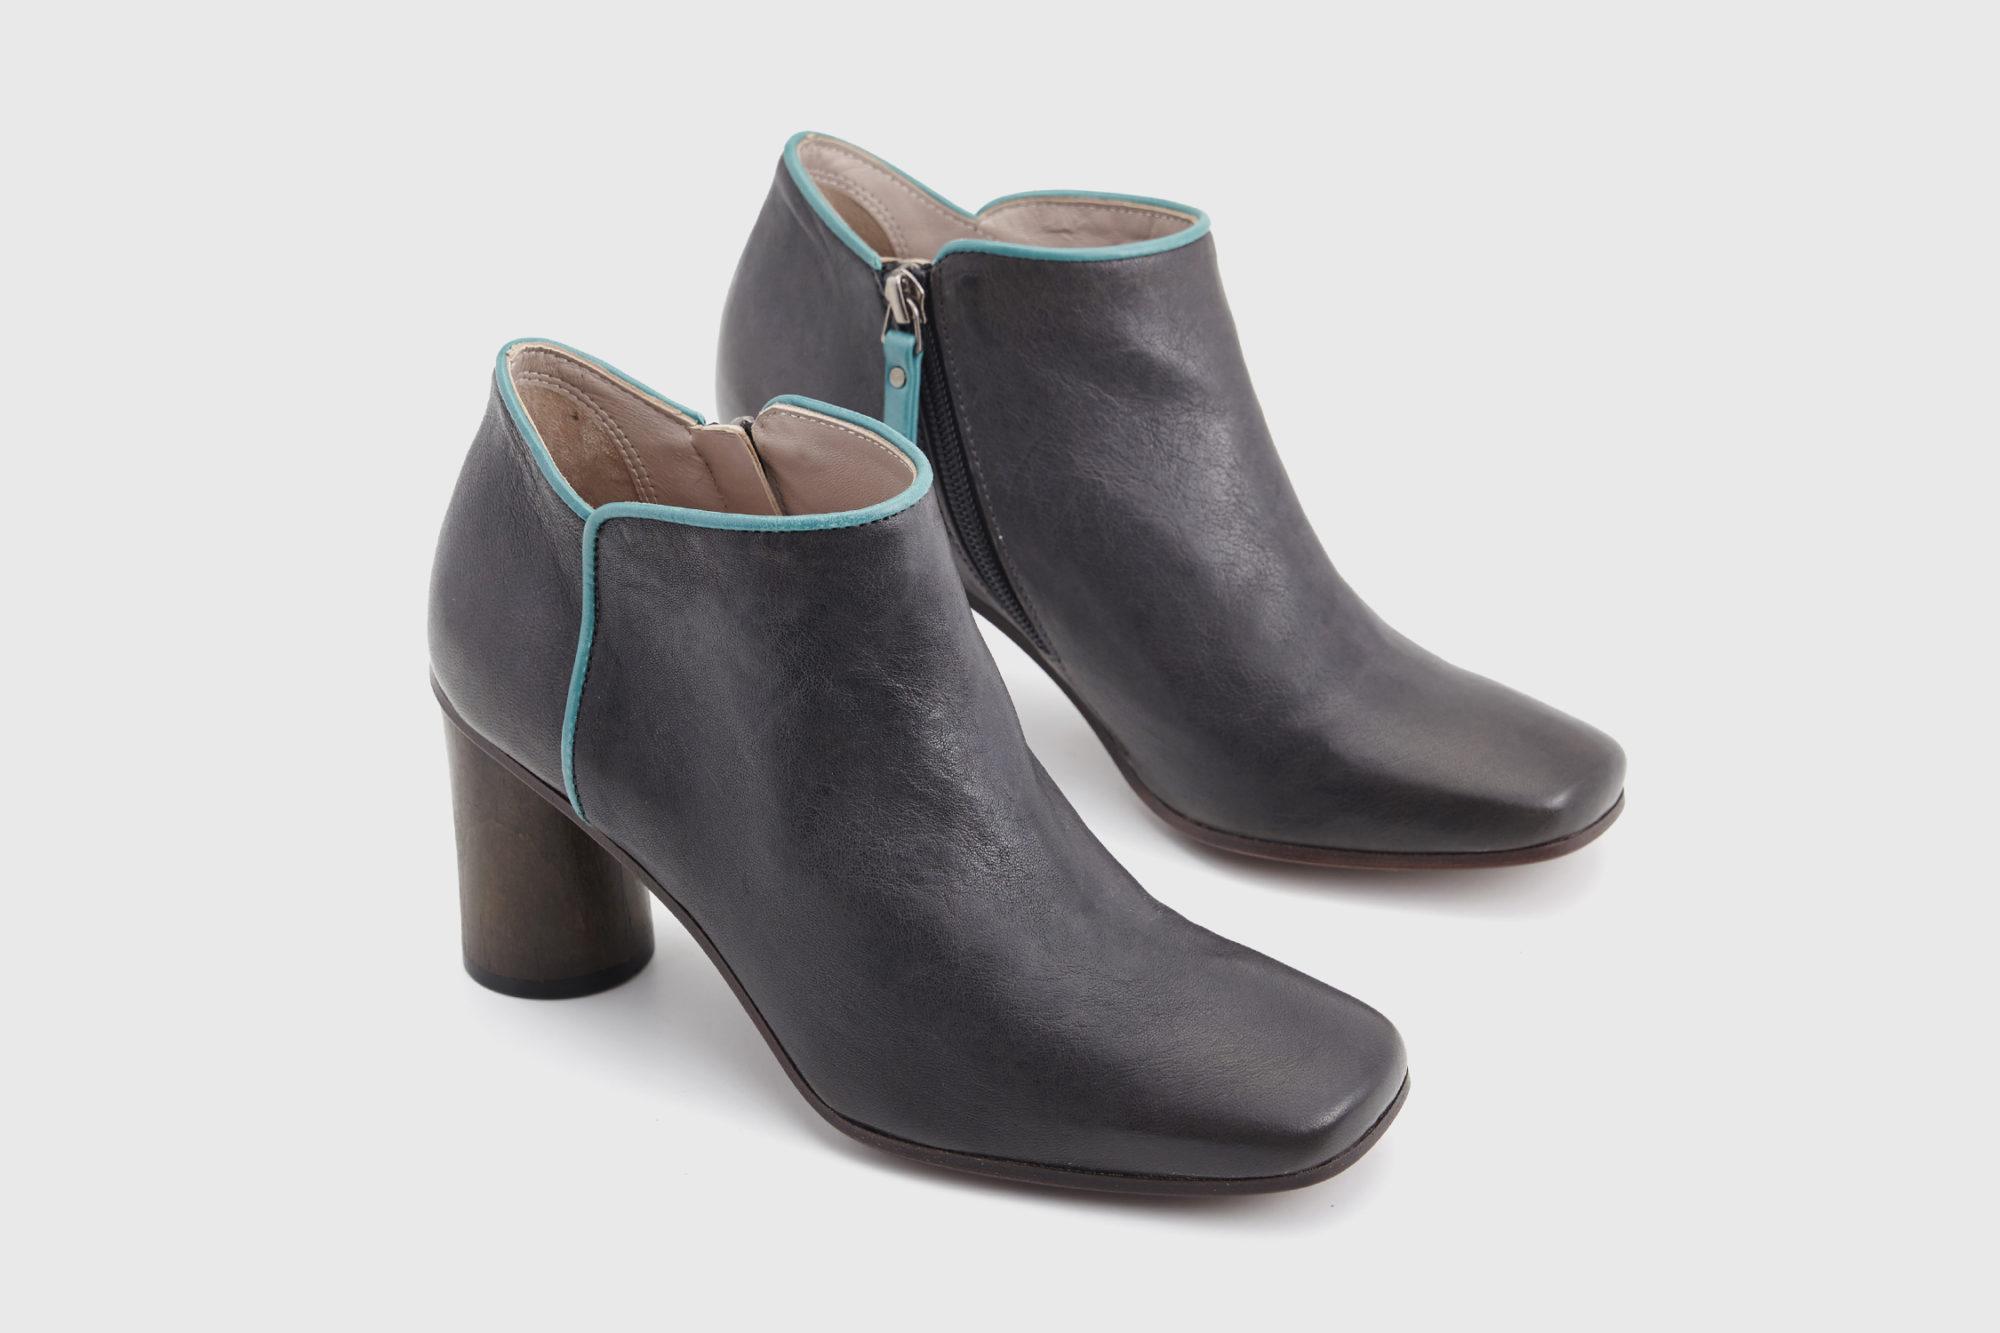 Dorotea zapato abotinado Zoe gris asfalto ss17 par